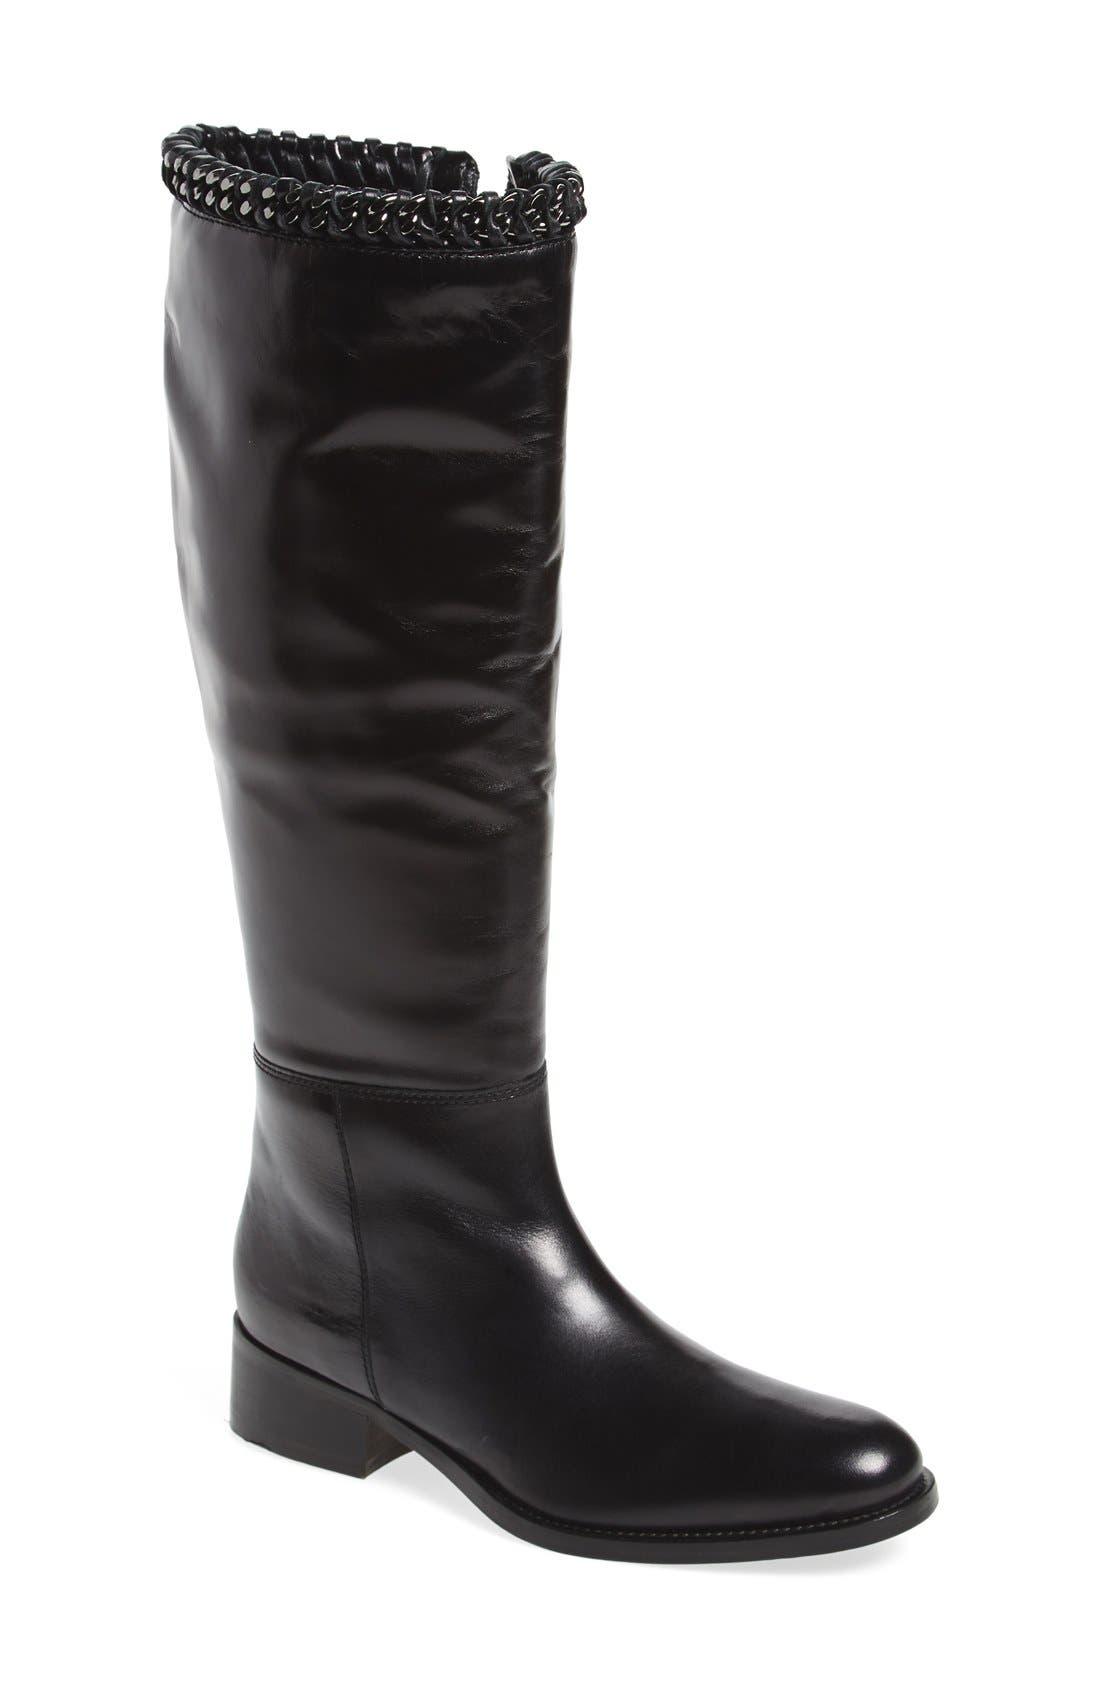 Main Image - Johnston & Murphy 'Sari' Knee High Boot (Women)